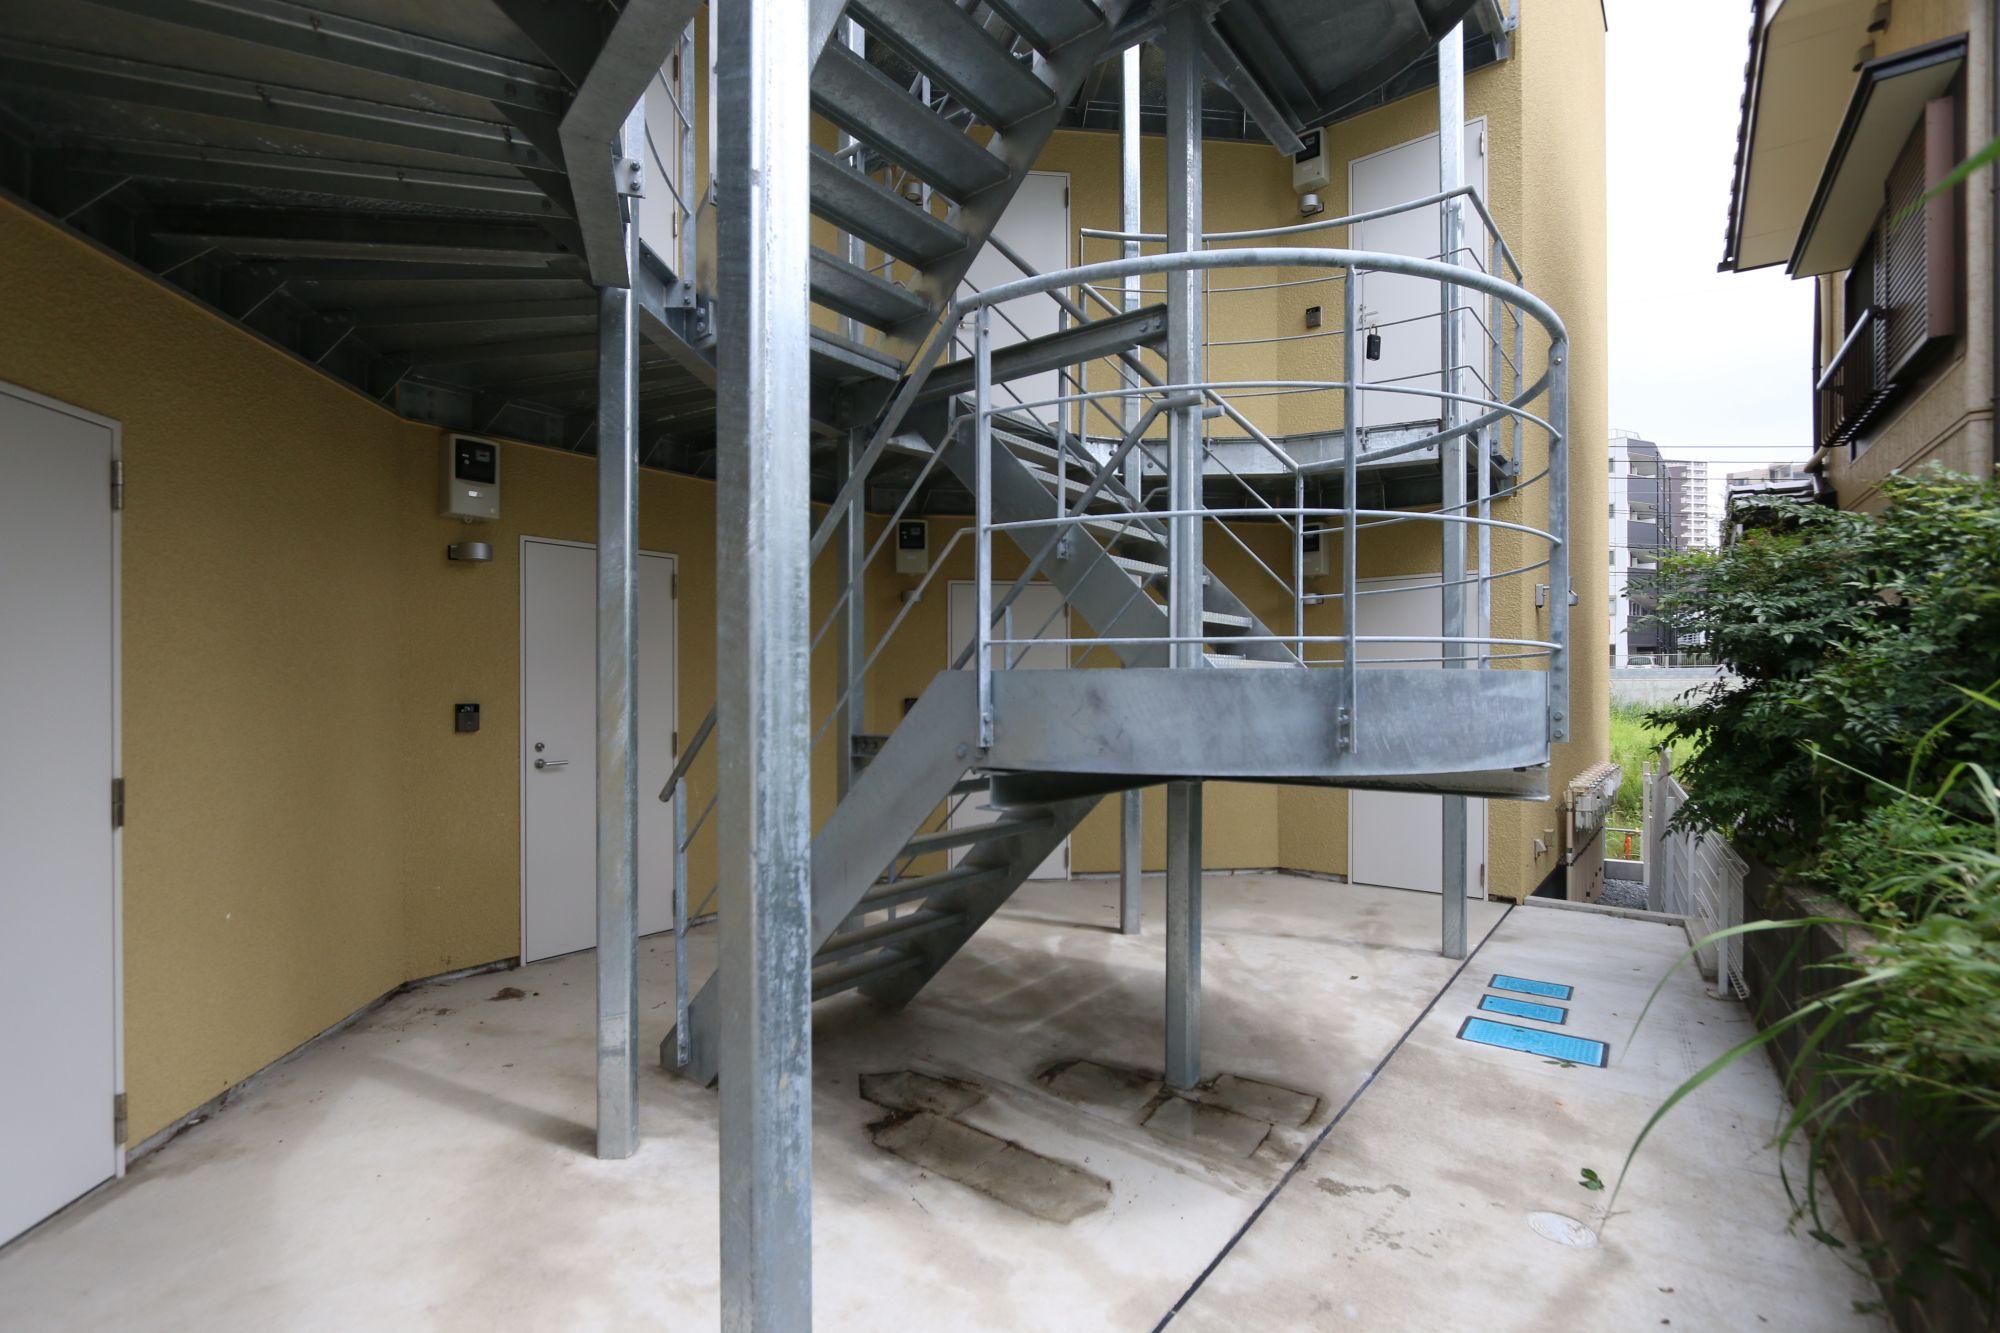 八千代の集合住宅 外部鉄骨階段